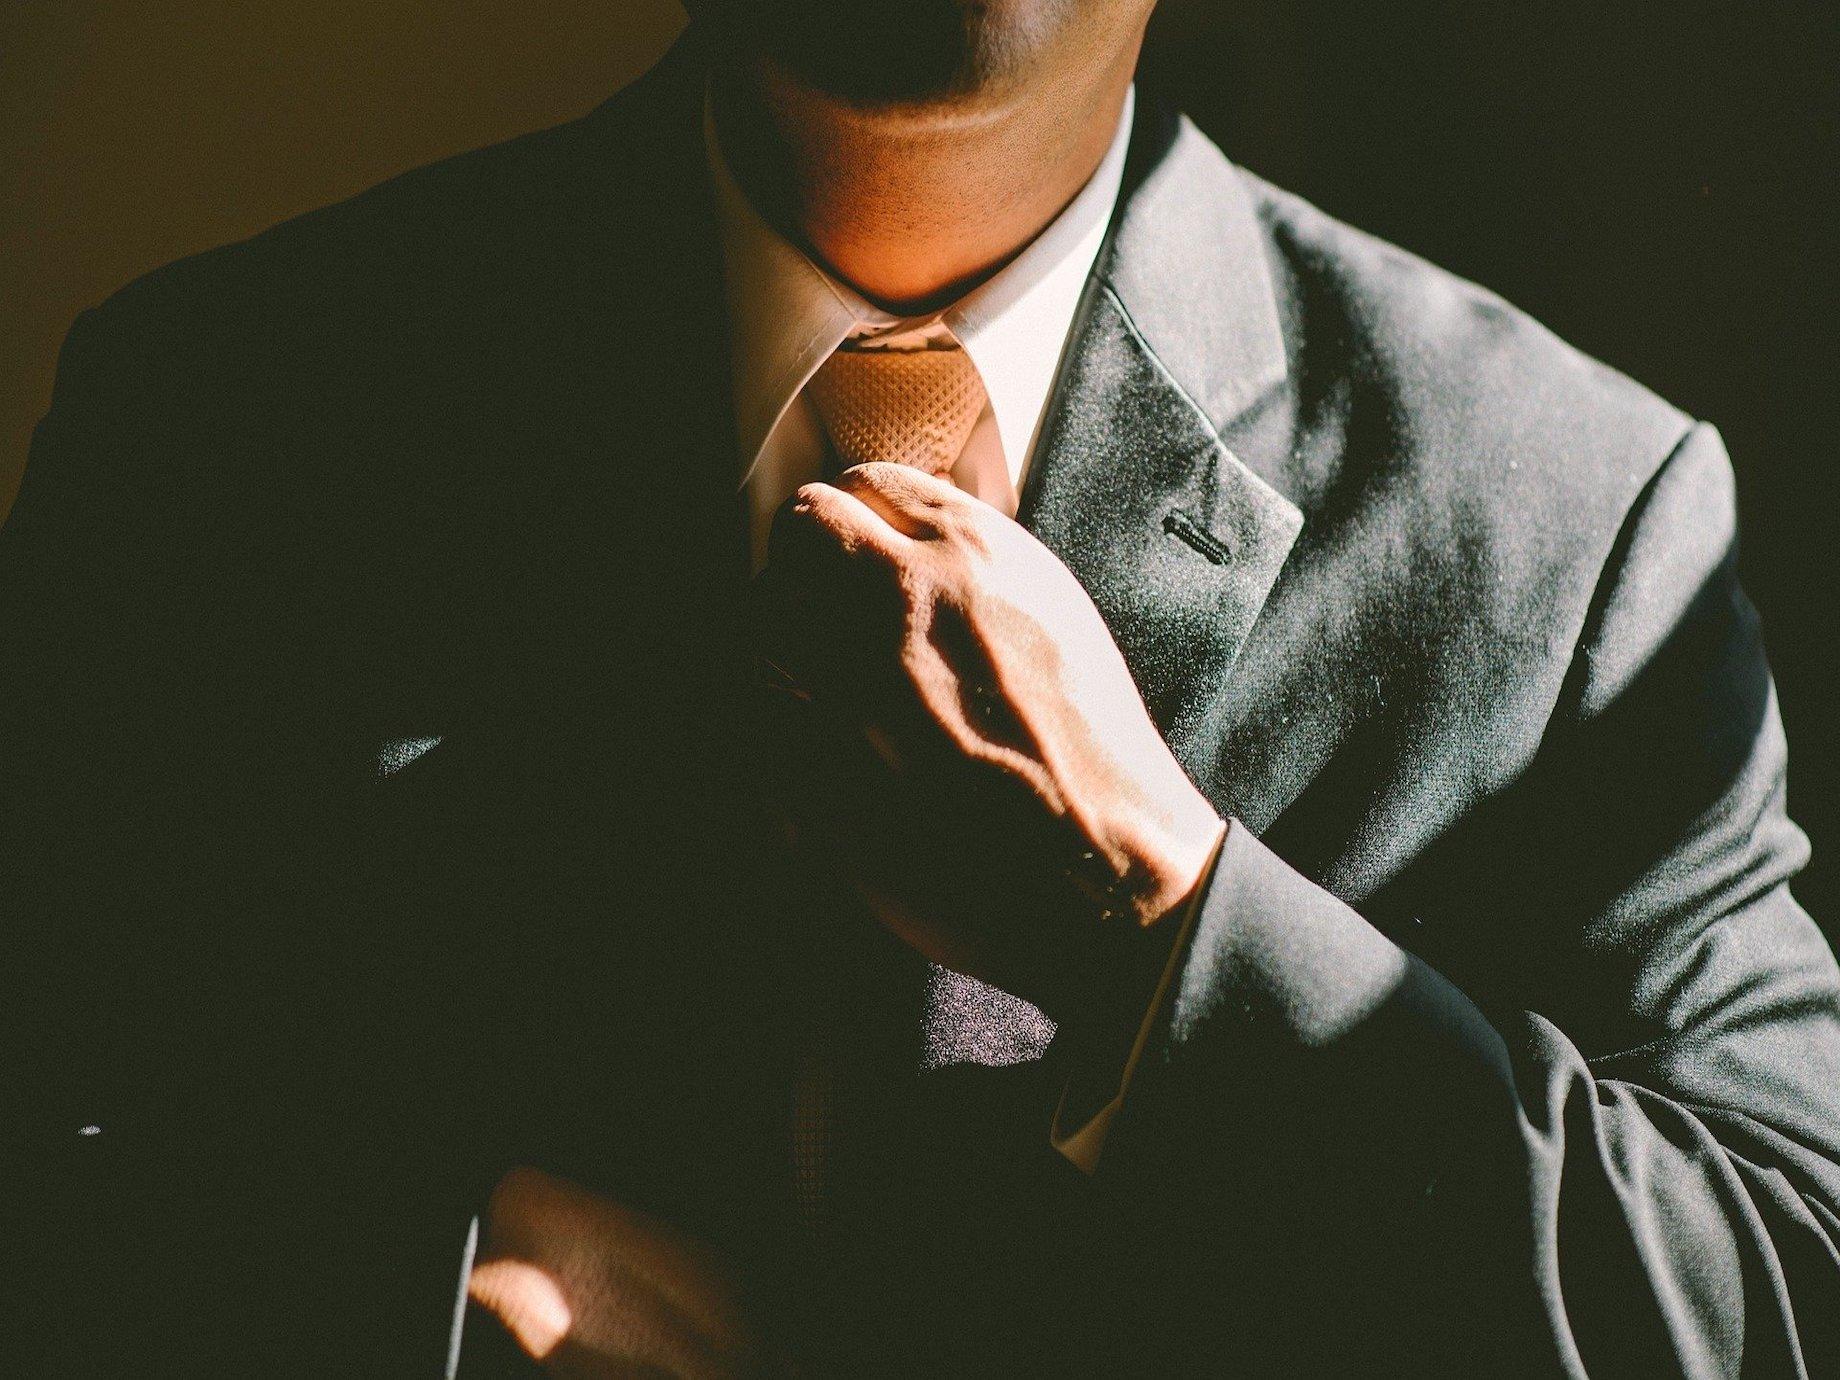 新手工作者的必勝訣竅!3分鐘學會「引導顧客需求」銷售提問法